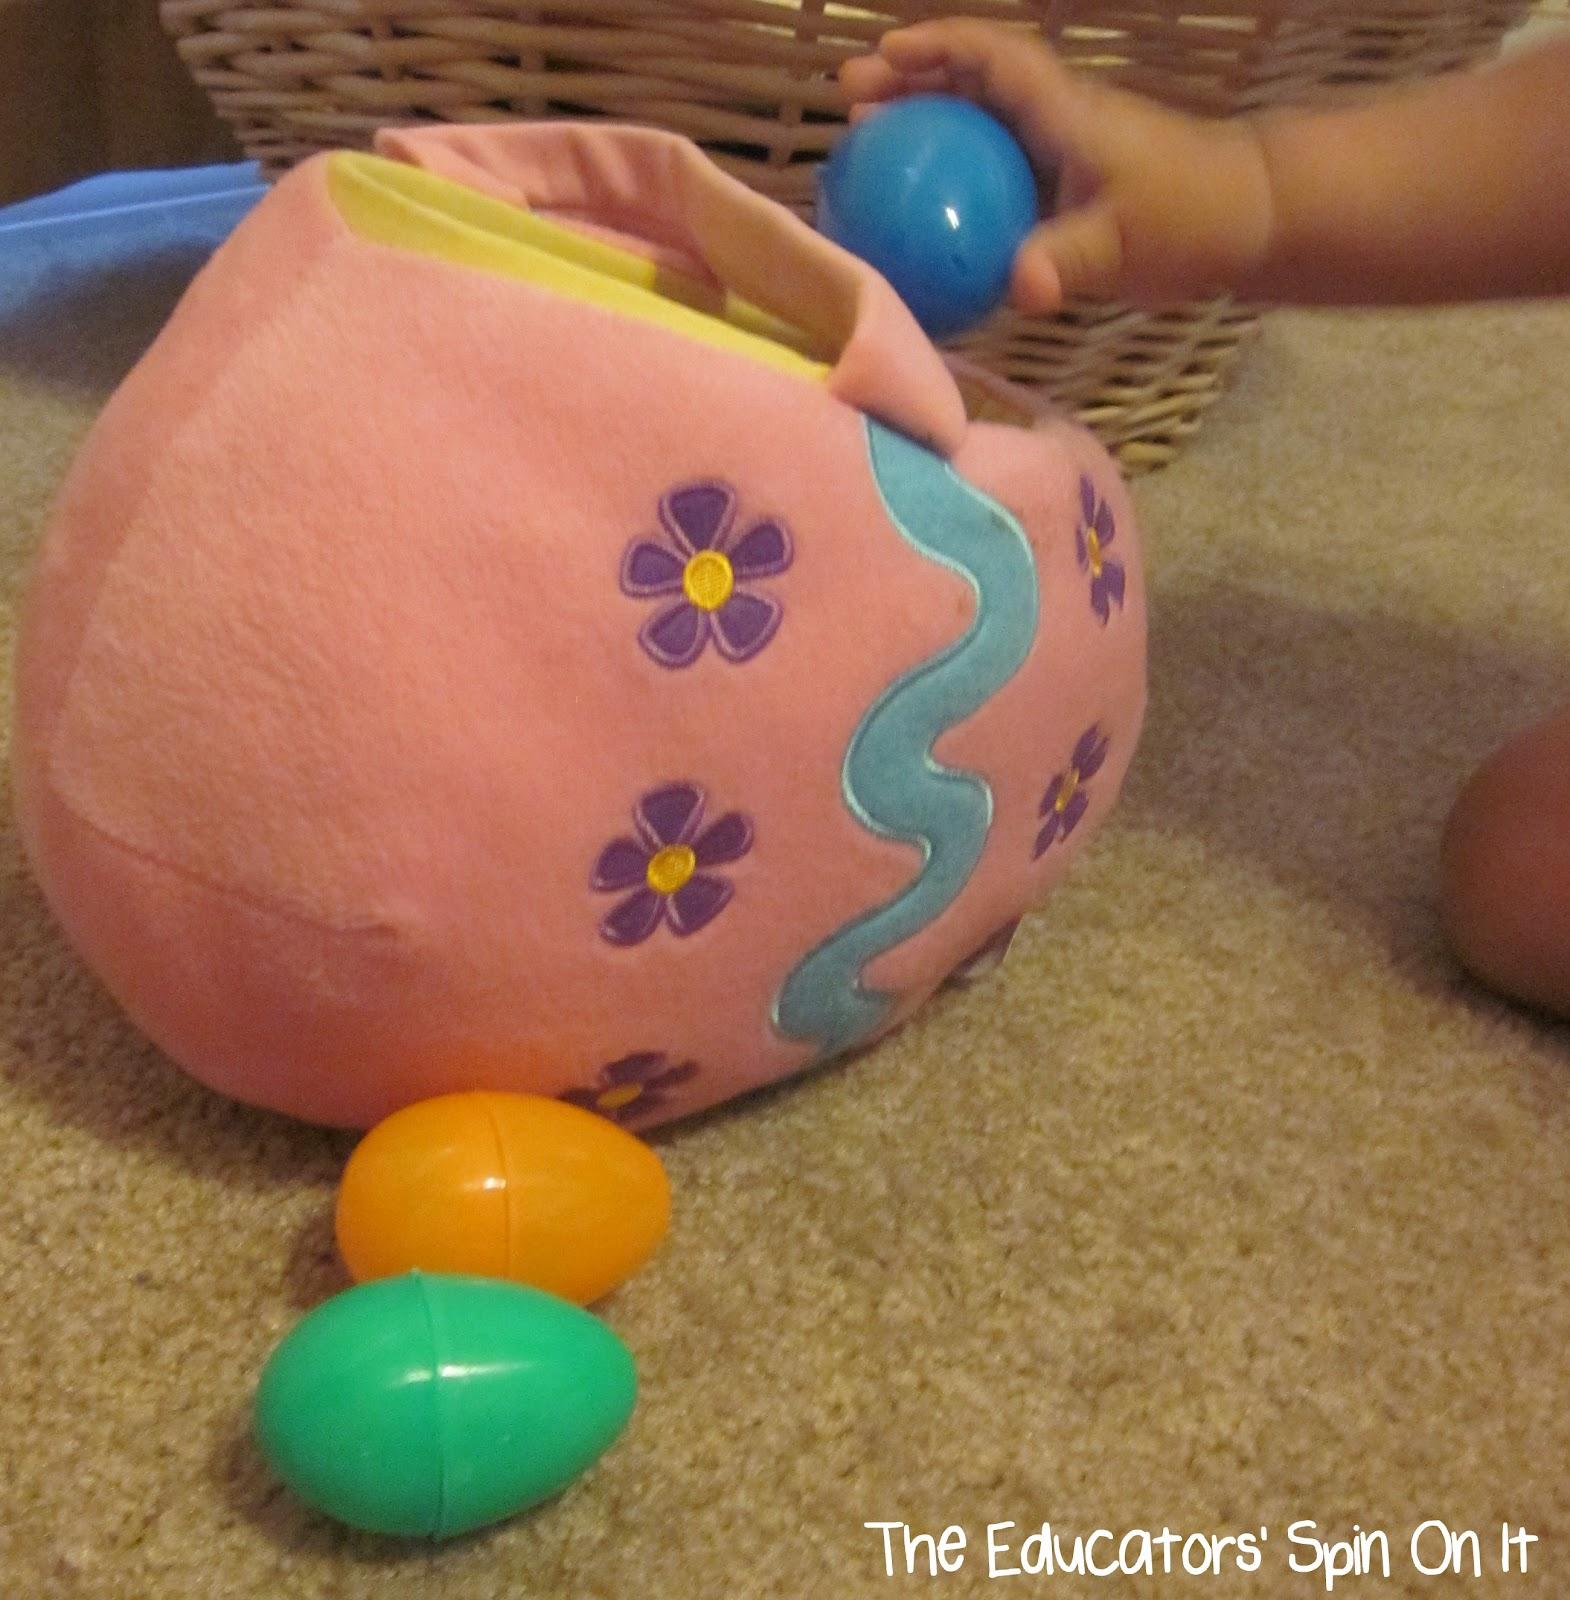 toddler placing easter eggs into soft egg shaped easter basket